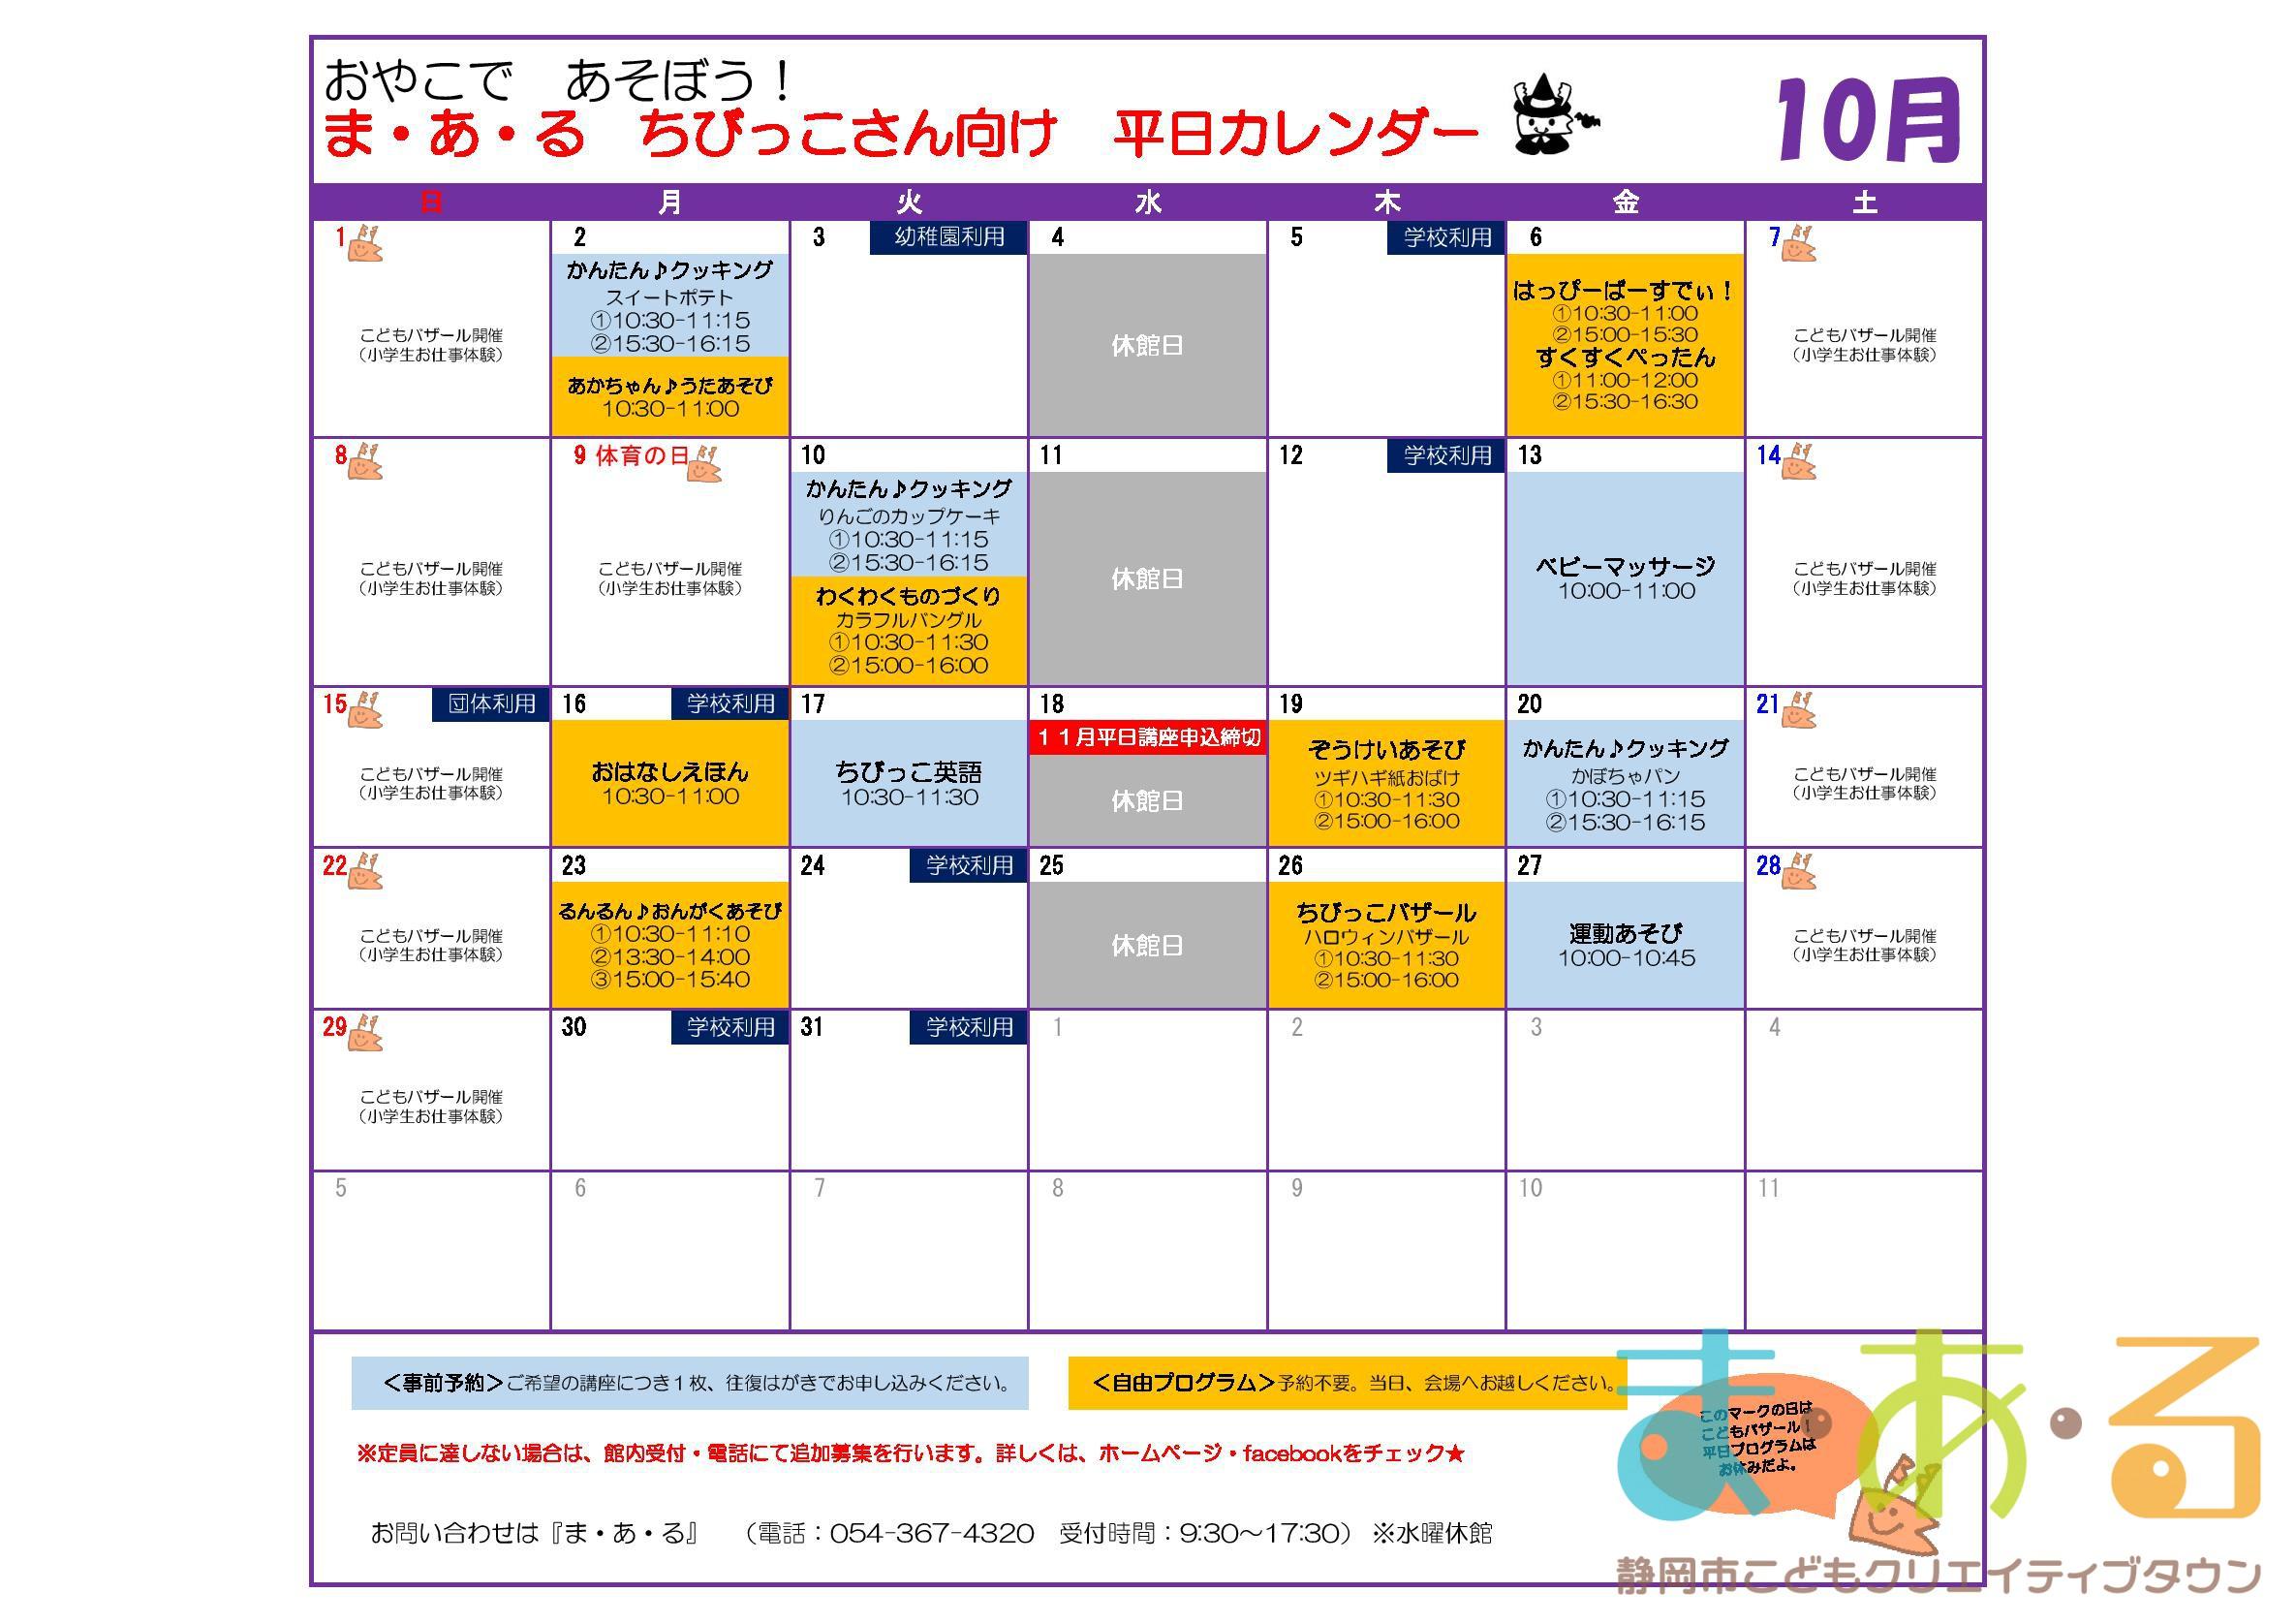 2017年10月平日カレンダー